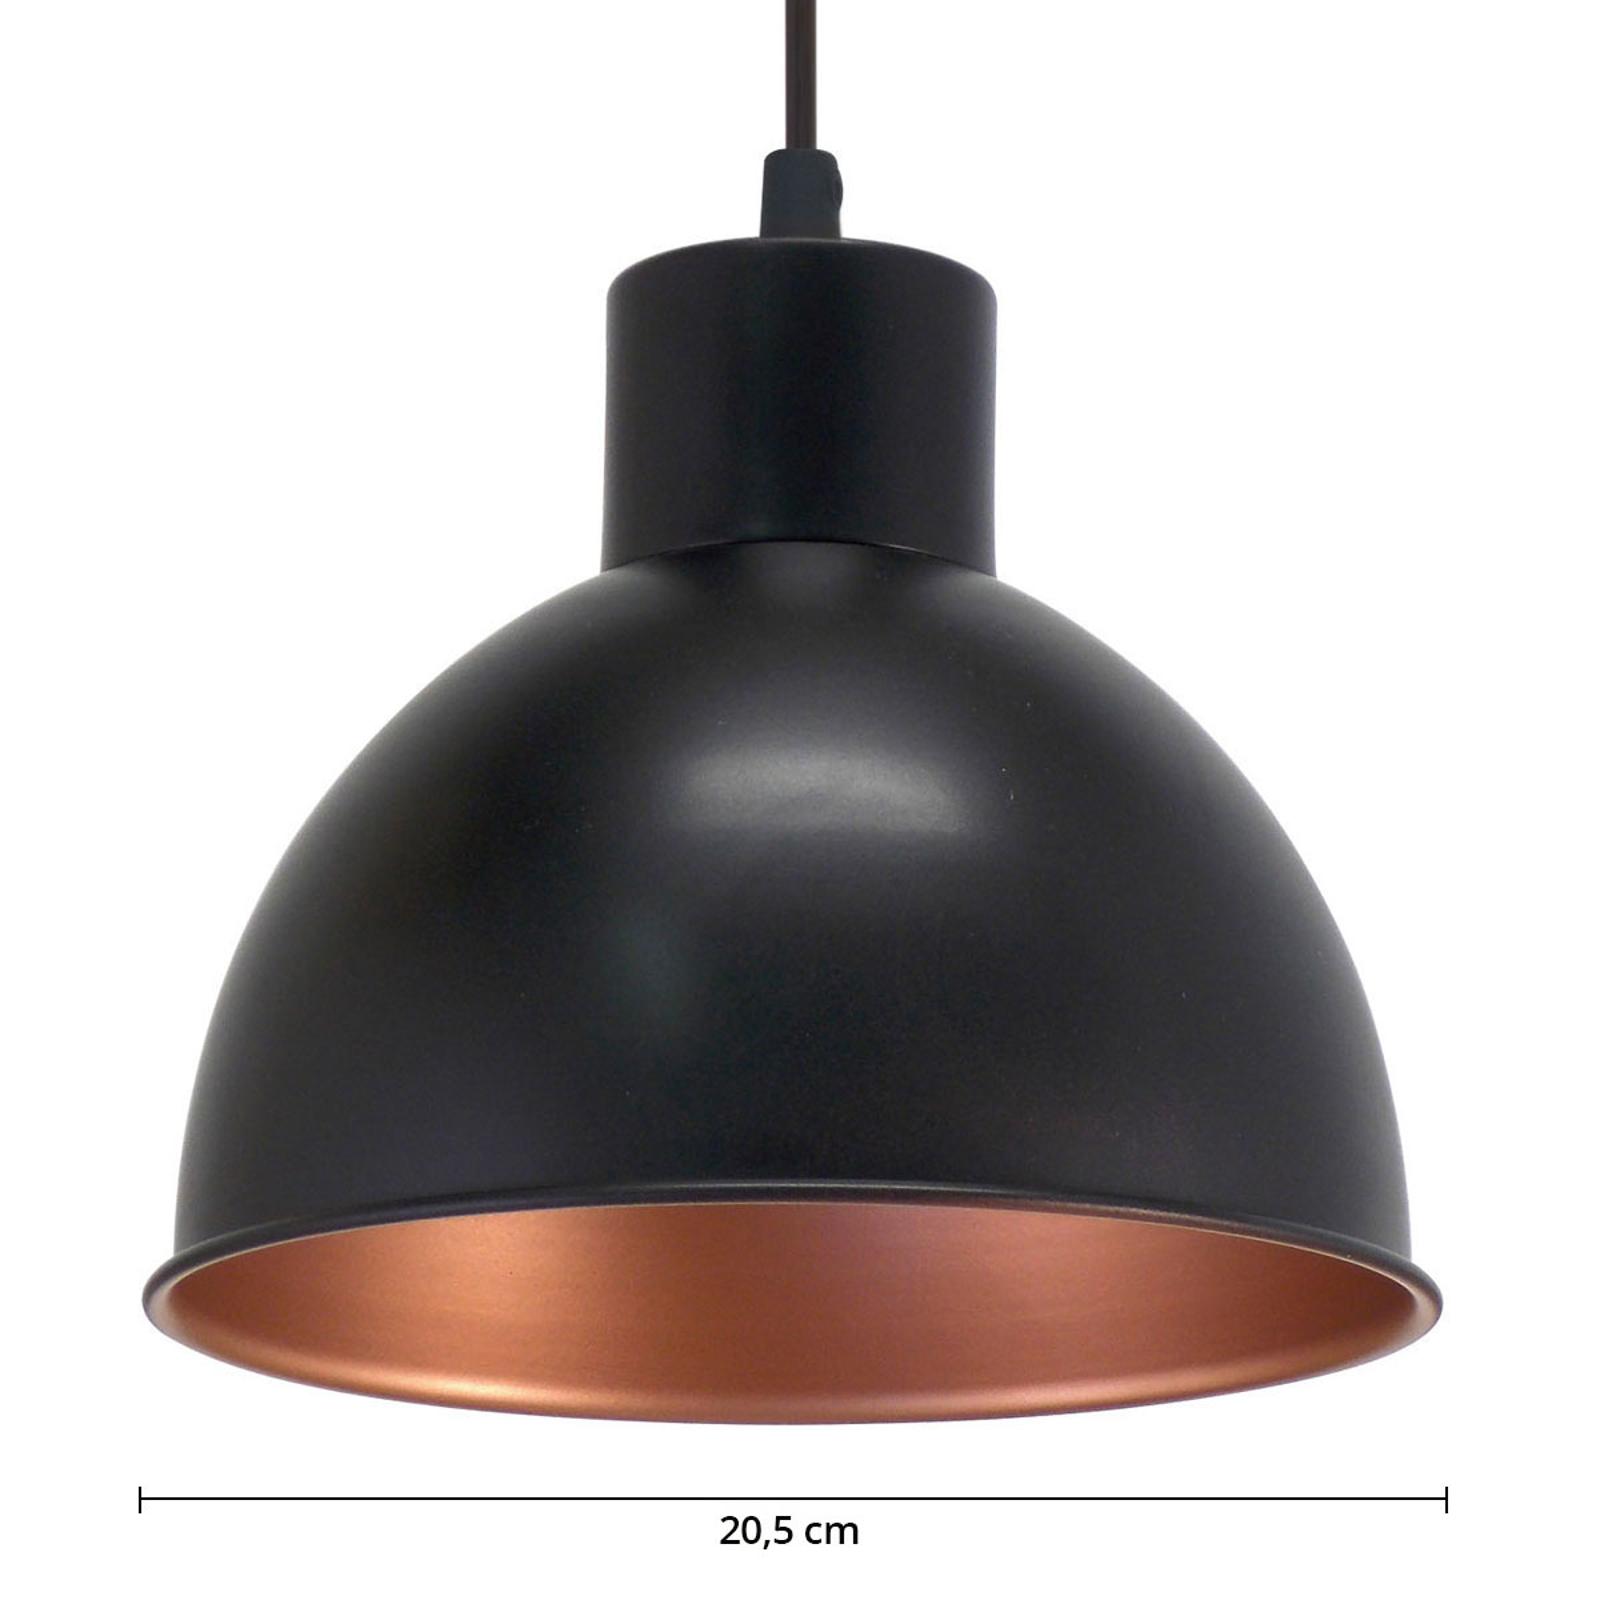 Zwarte hanglamp Andrin - binnenin koper